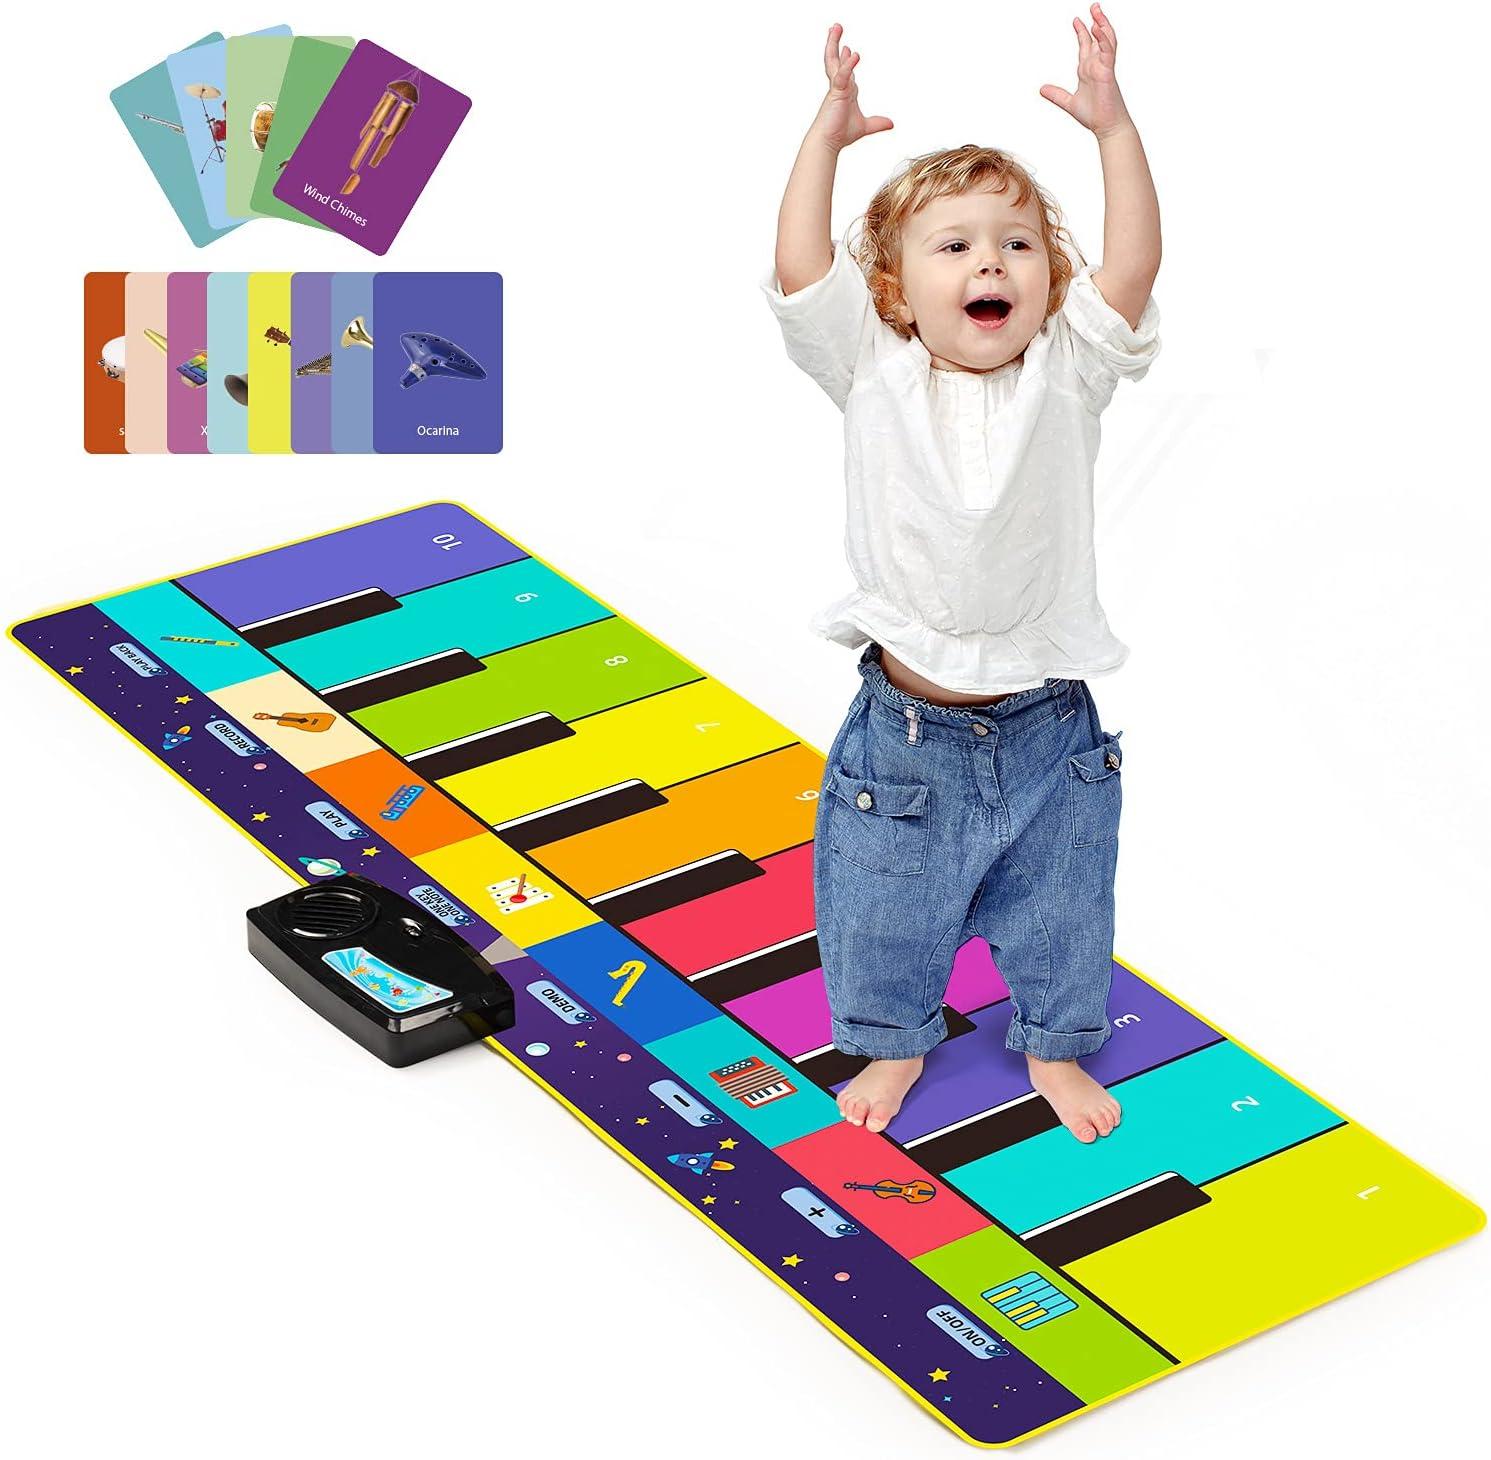 Alfombra musical educativa Joyjoz por sólo 10,99€ con el #código: T6N7VTIC